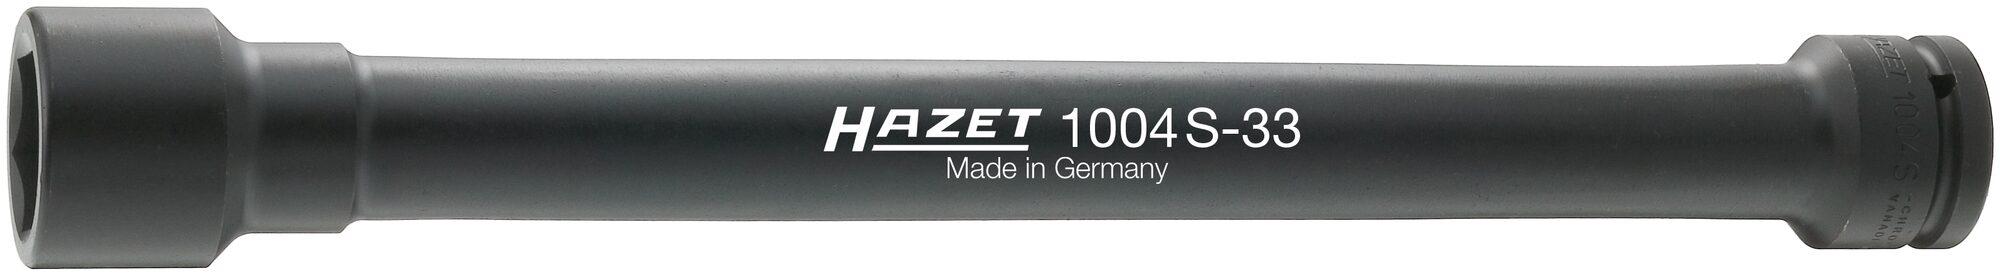 HAZET Schlag- ∙ Maschinenschrauber Steckschlüsseleinsatz ∙ Sechskant 1004S-33 ∙ Vierkant hohl 20 mm (3/4 Zoll) ∙ 33 mm